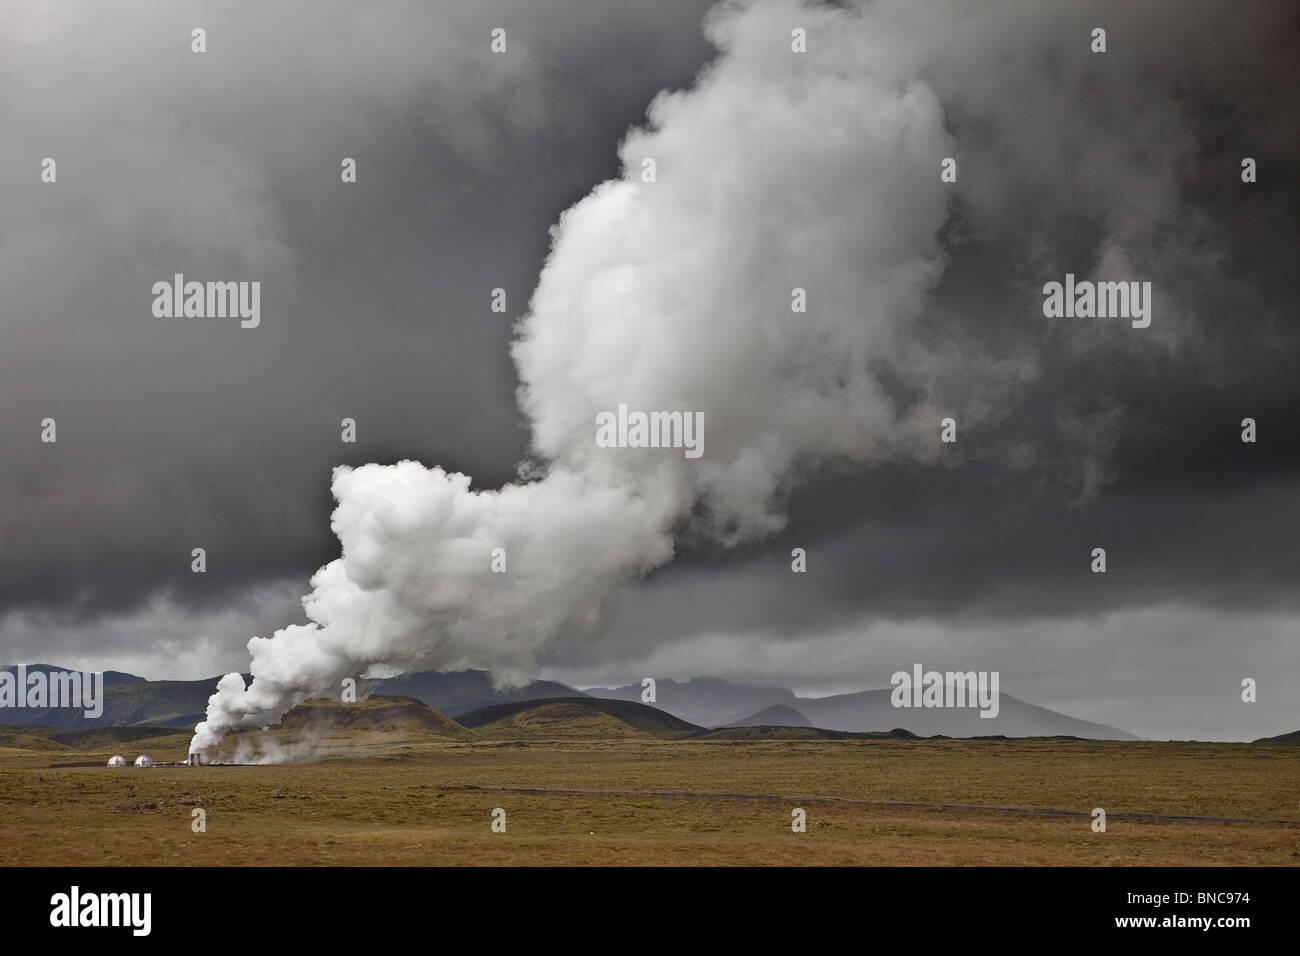 Termas de vapor geotérmico, Costa Sur, Islandia Imagen De Stock